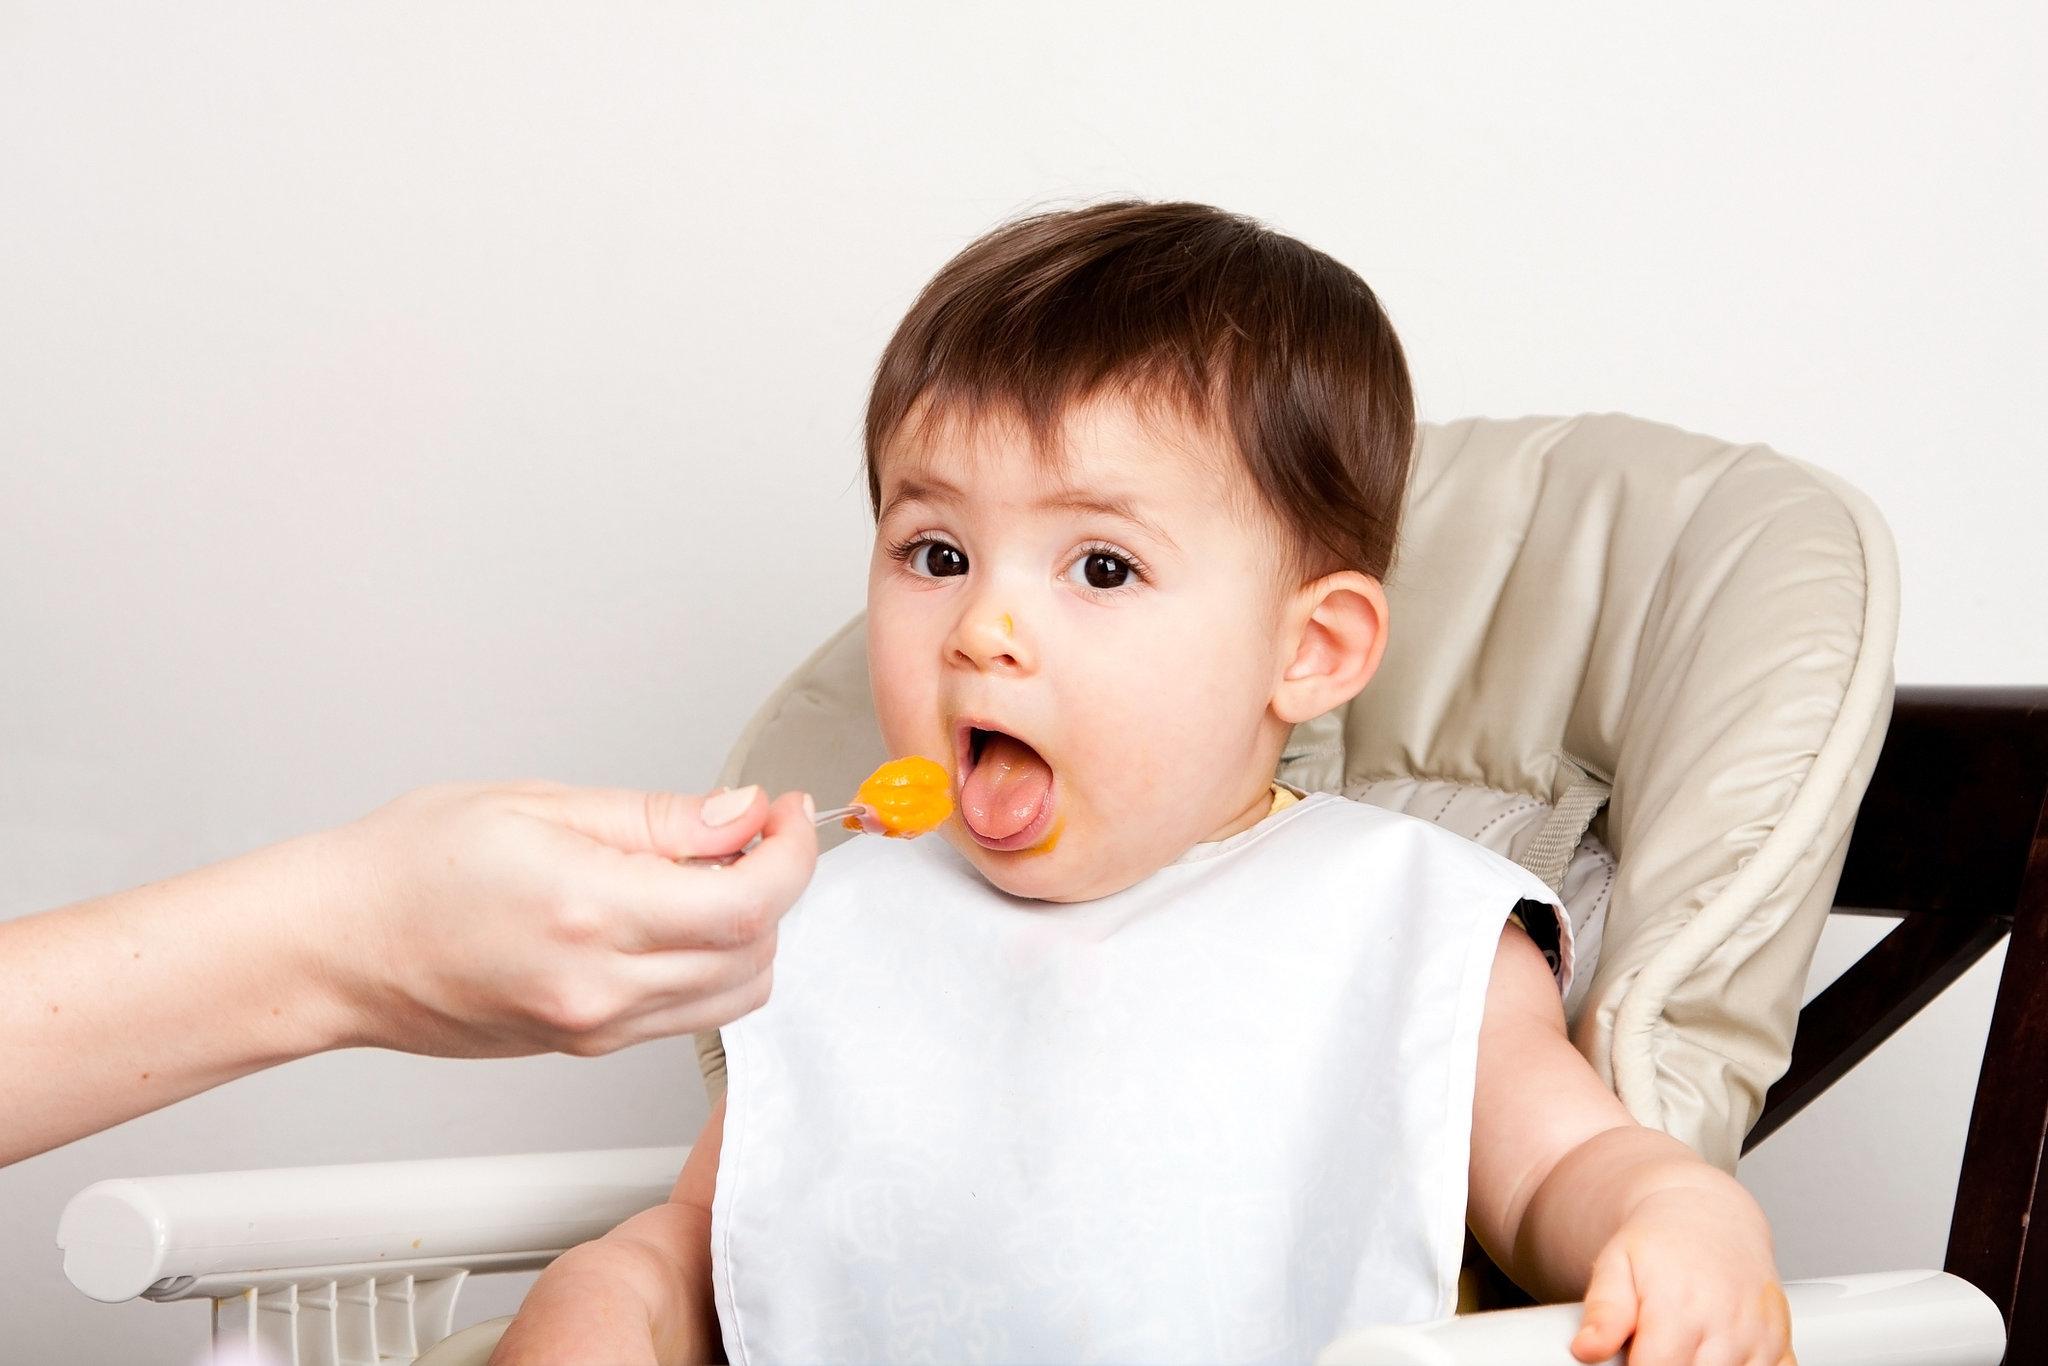 Ce ar trebui să învăţăm din cazul bebeluşilor îmbolnăviţi cu sindrom hemolitic uremic